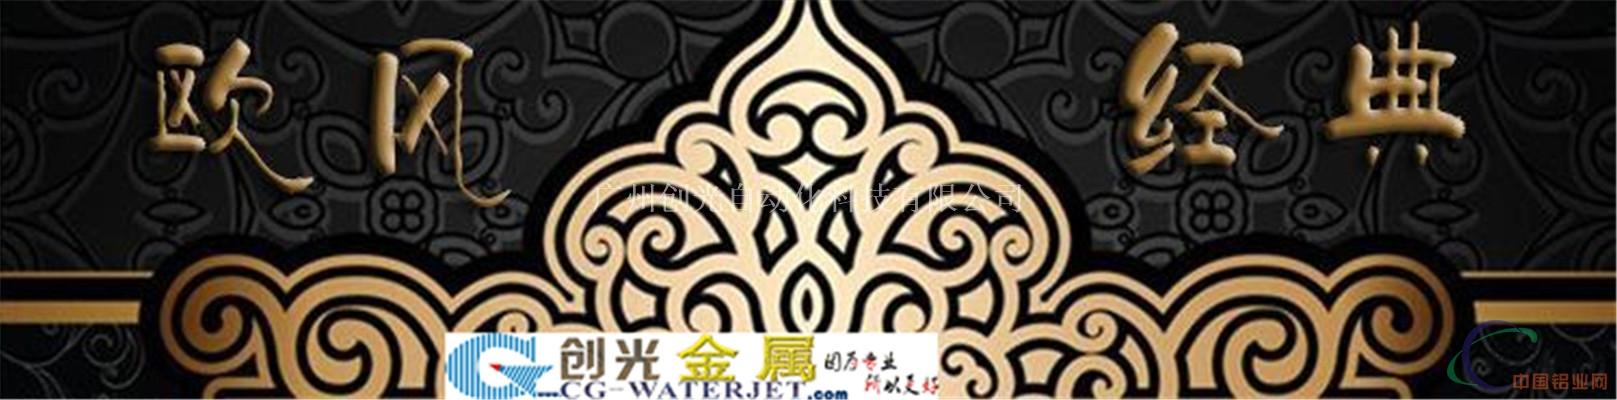 欧式浮雕元素 欧式花黄铜雕刻